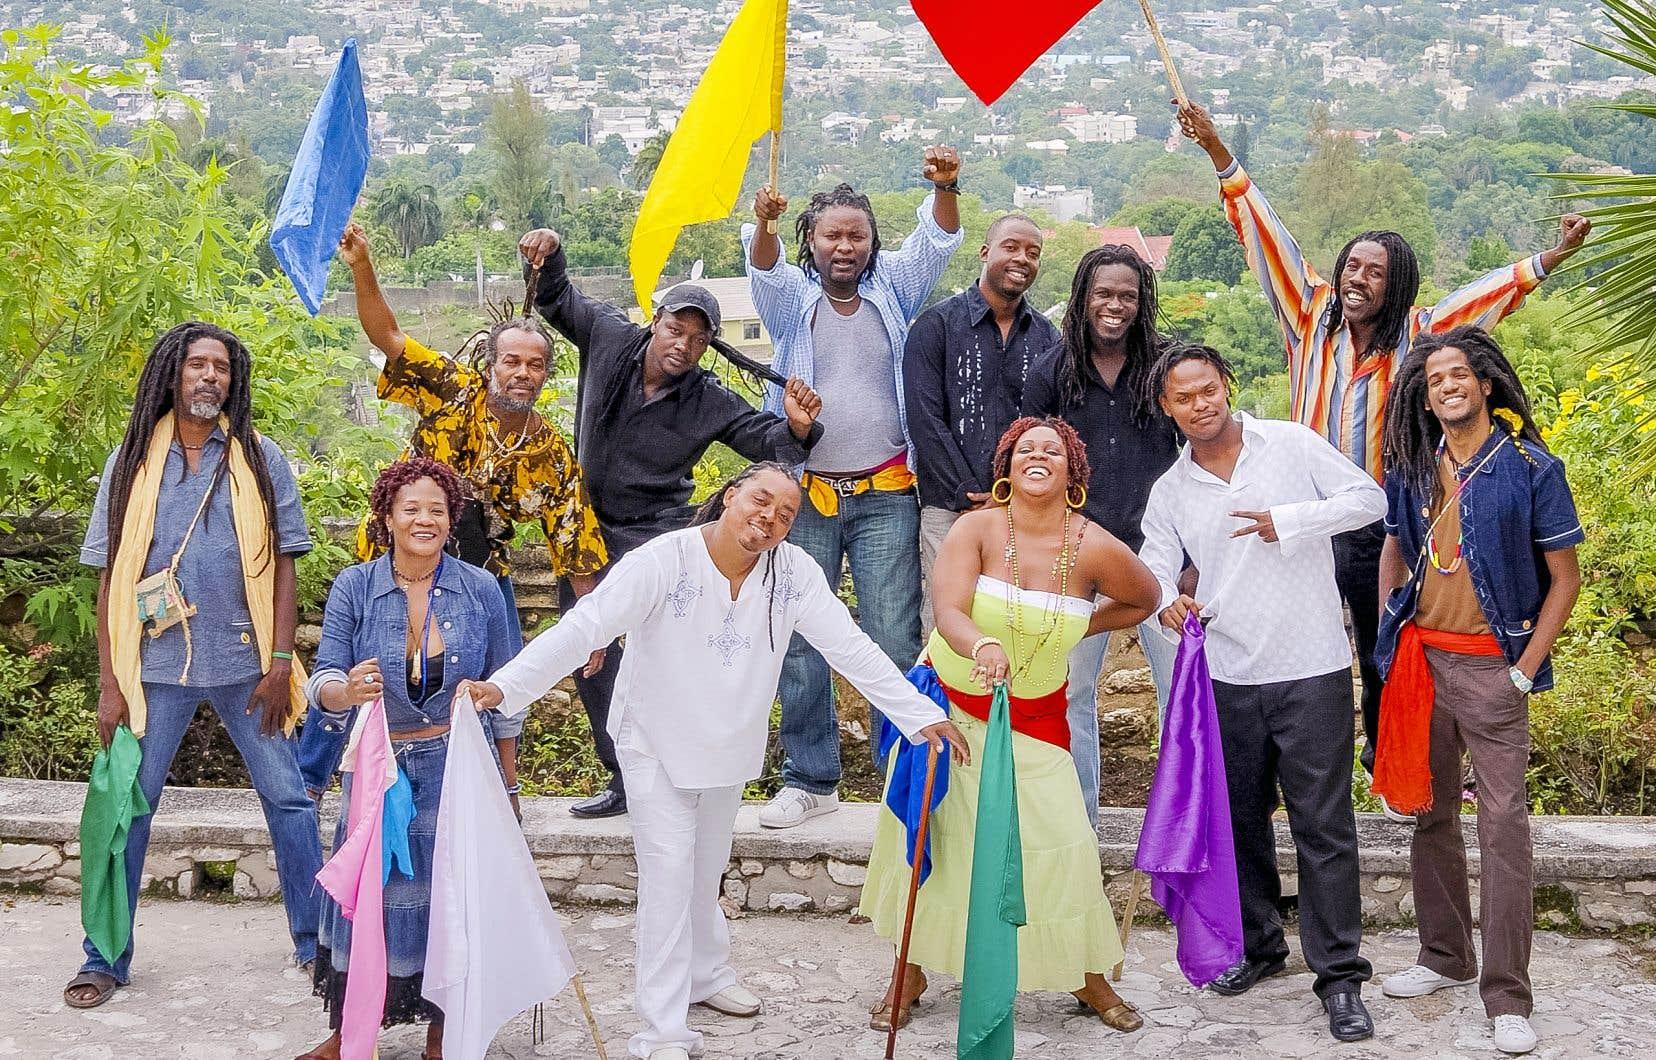 Le groupe Boukman Eksperyans donnera un concert gratuit au parc La Fontaine le 28juillet dans le cadre du festival Haïti en folie.